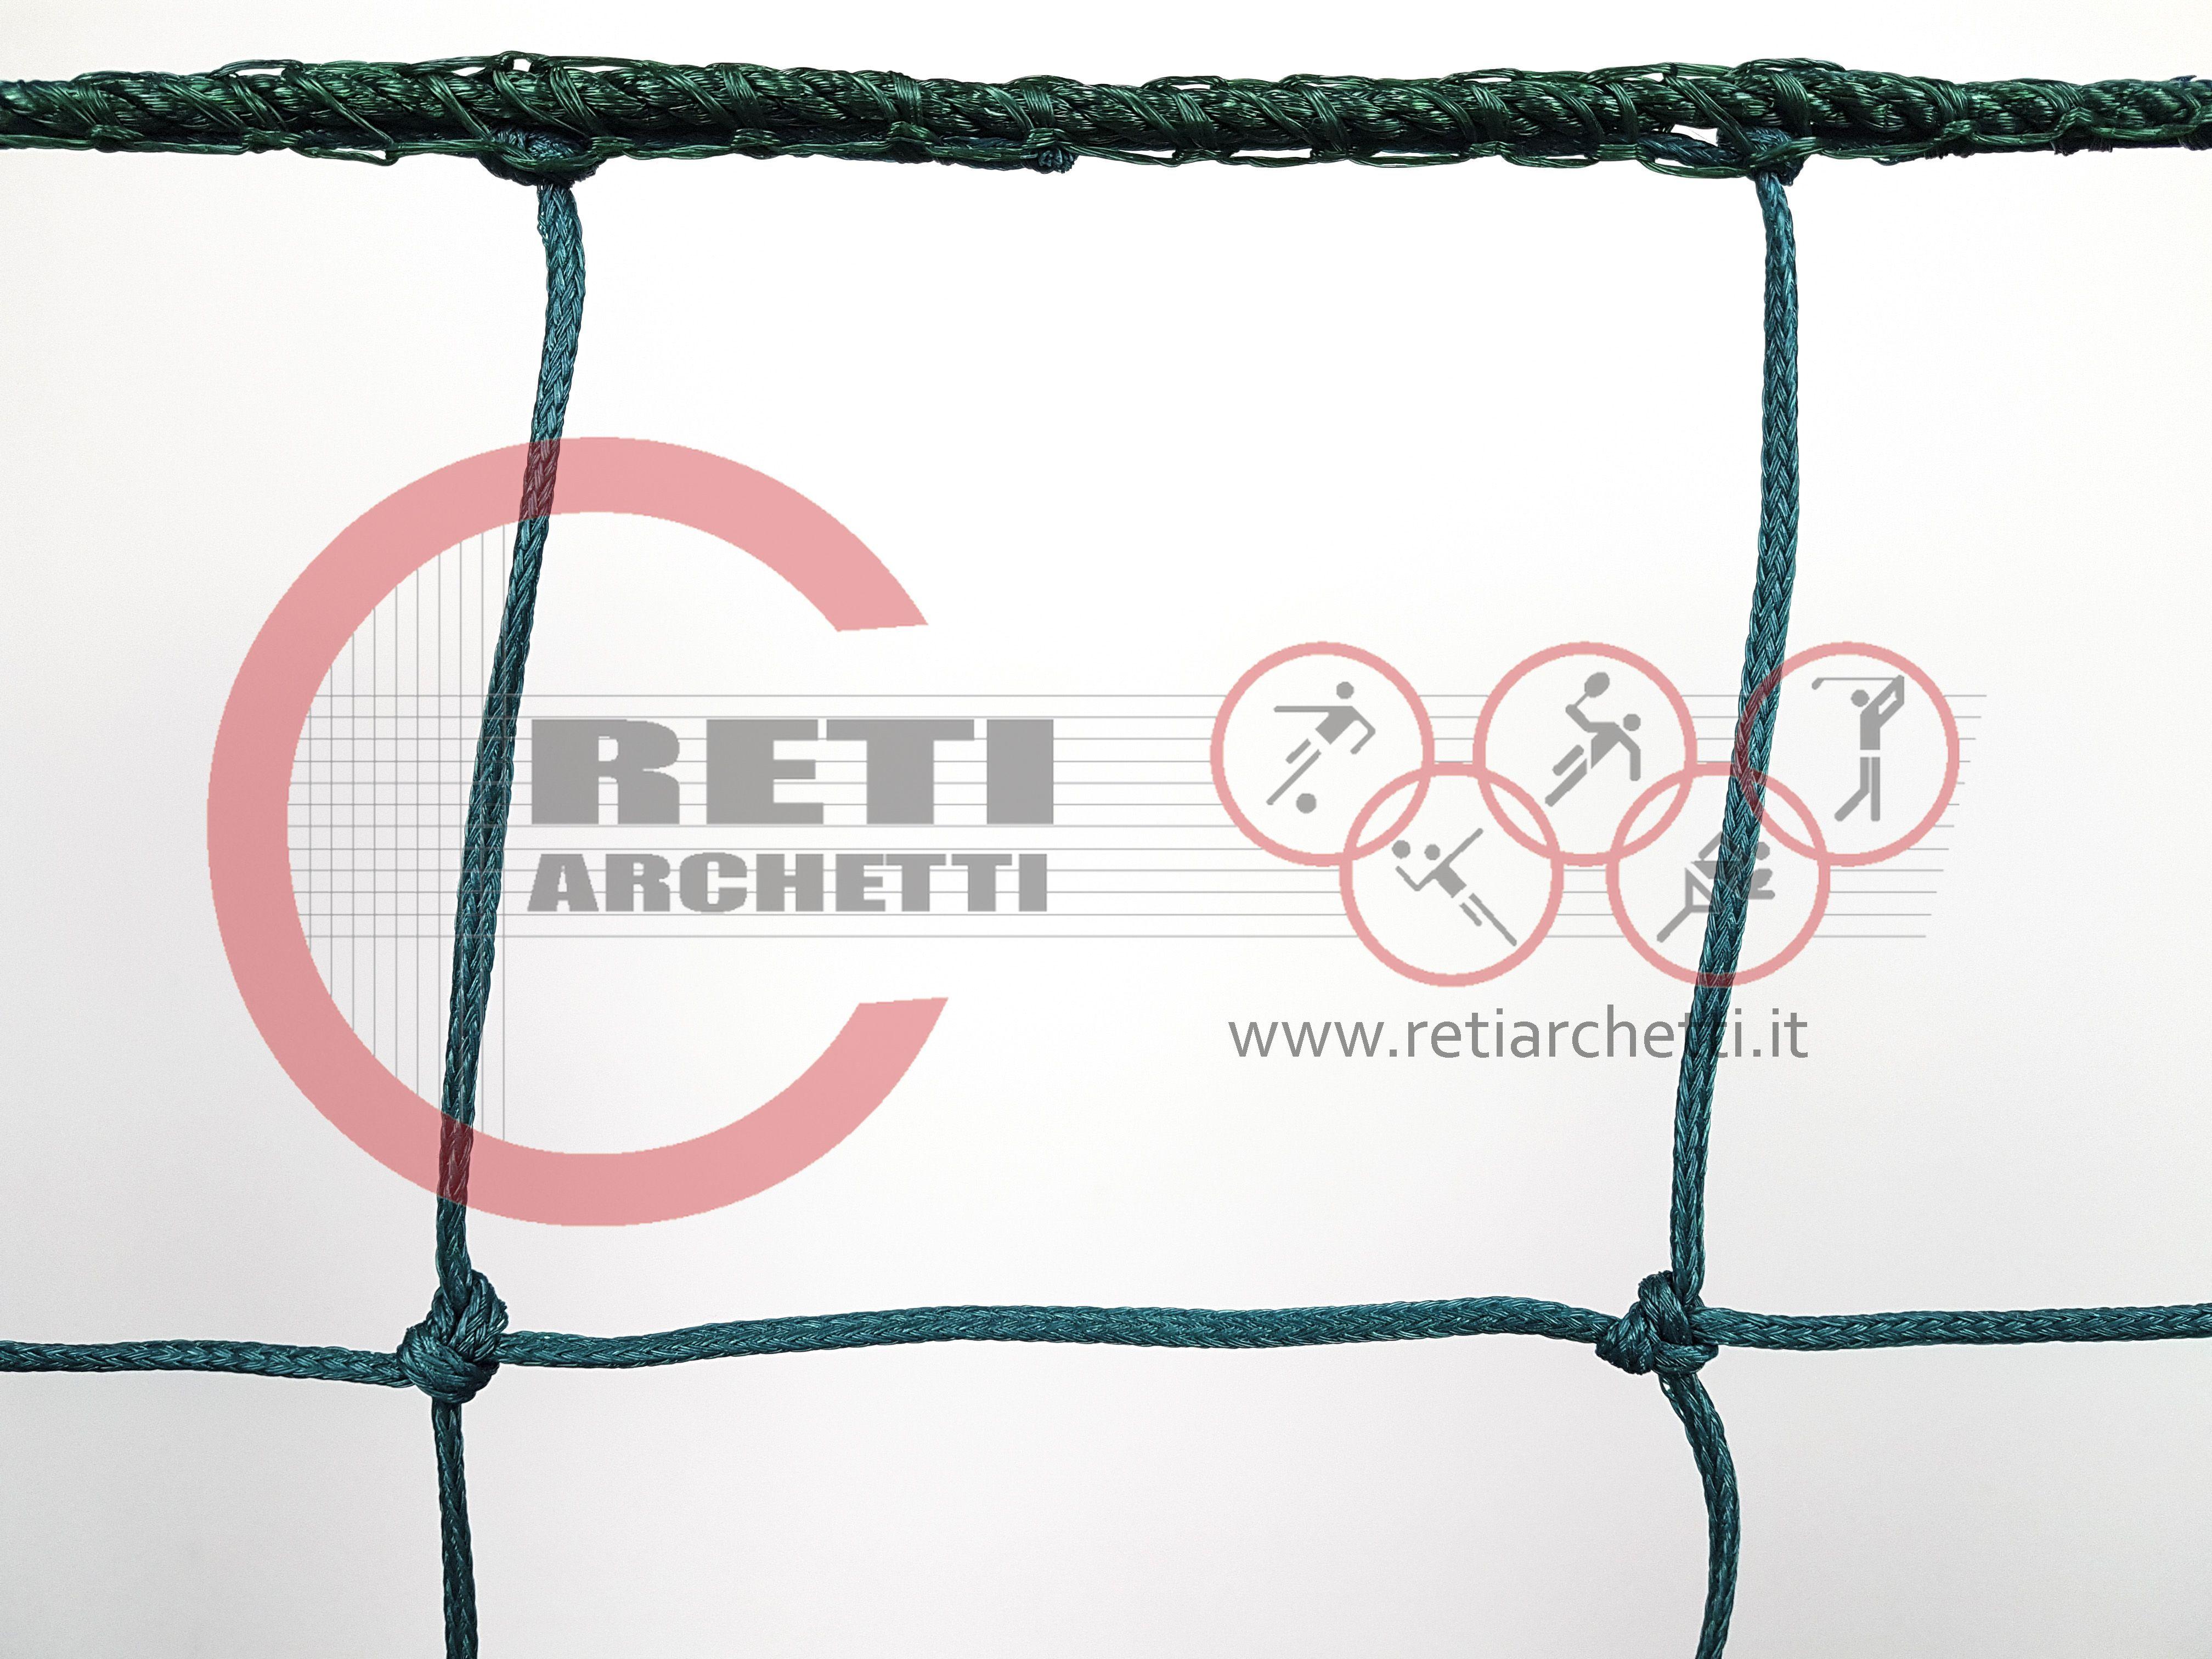 Reti di protezione calcio parapalloni - art. A 17 - PROFESSIONALE